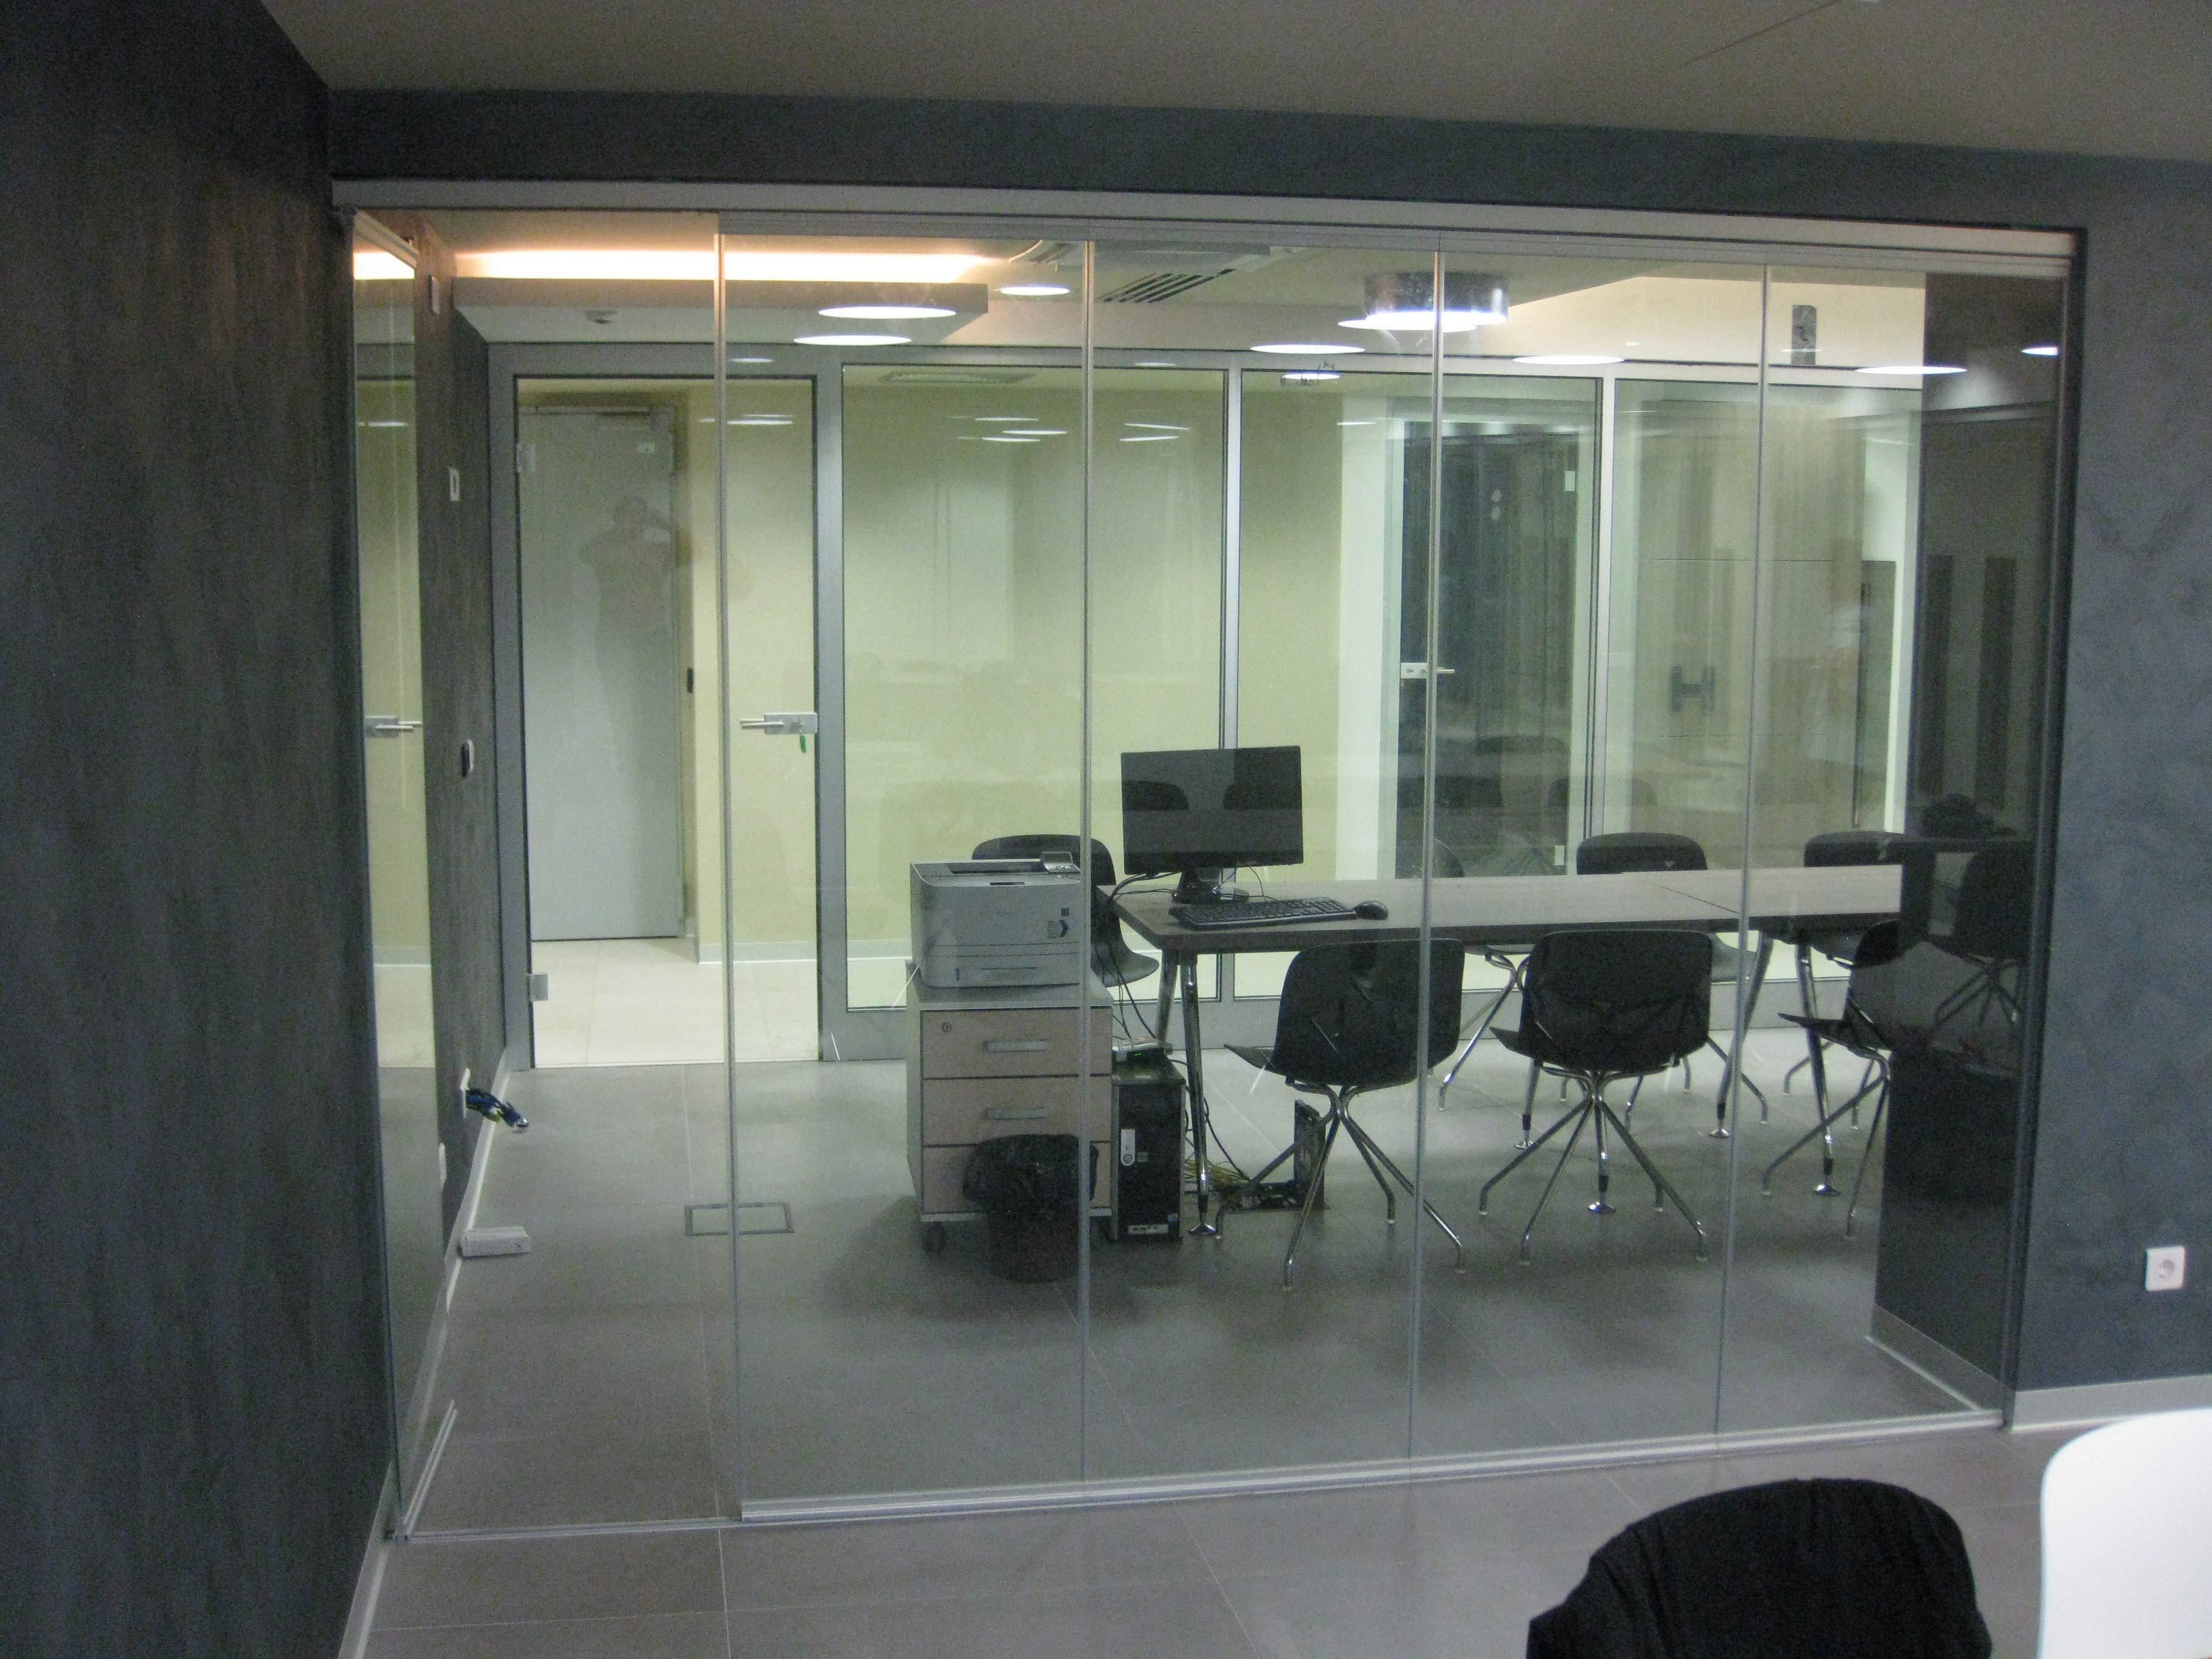 Oficinas archivos todocristal - Cortinas para oficinas ...